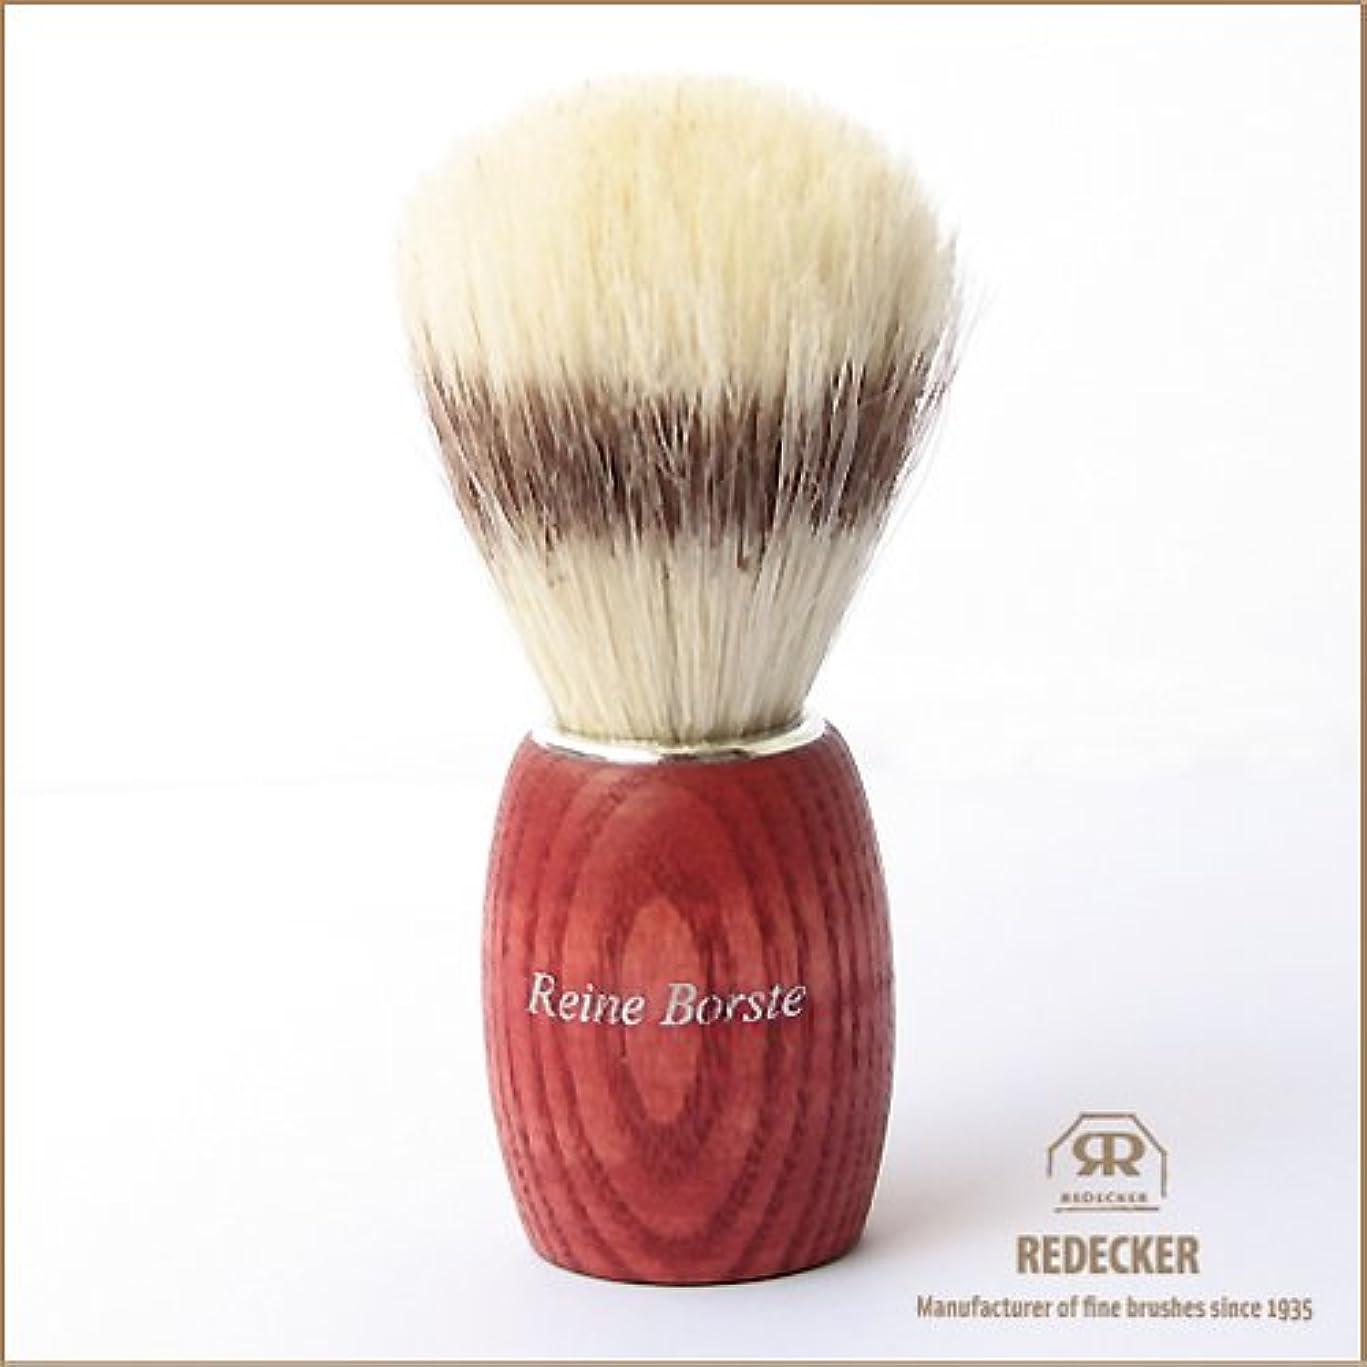 予備試みフォーマット[REDECKER/レデッカー]シェービングブラシ(白豚毛)/RED